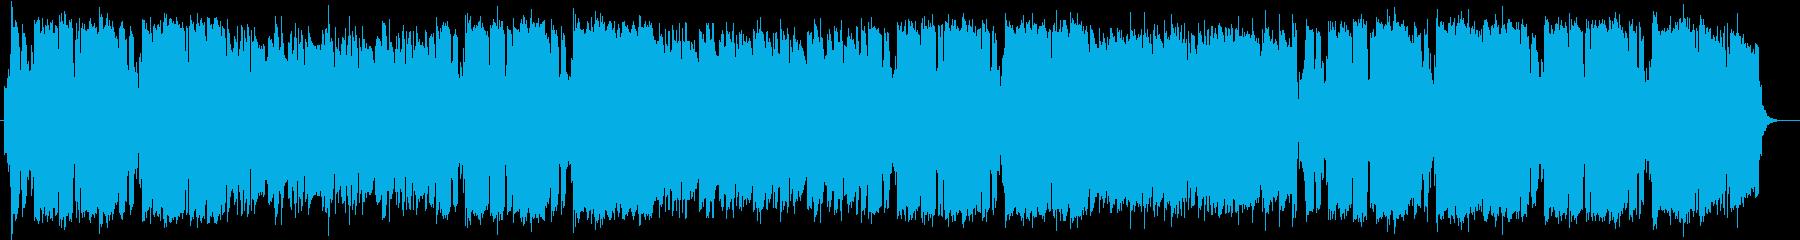 和やかなリラクゼーションミュージックの再生済みの波形